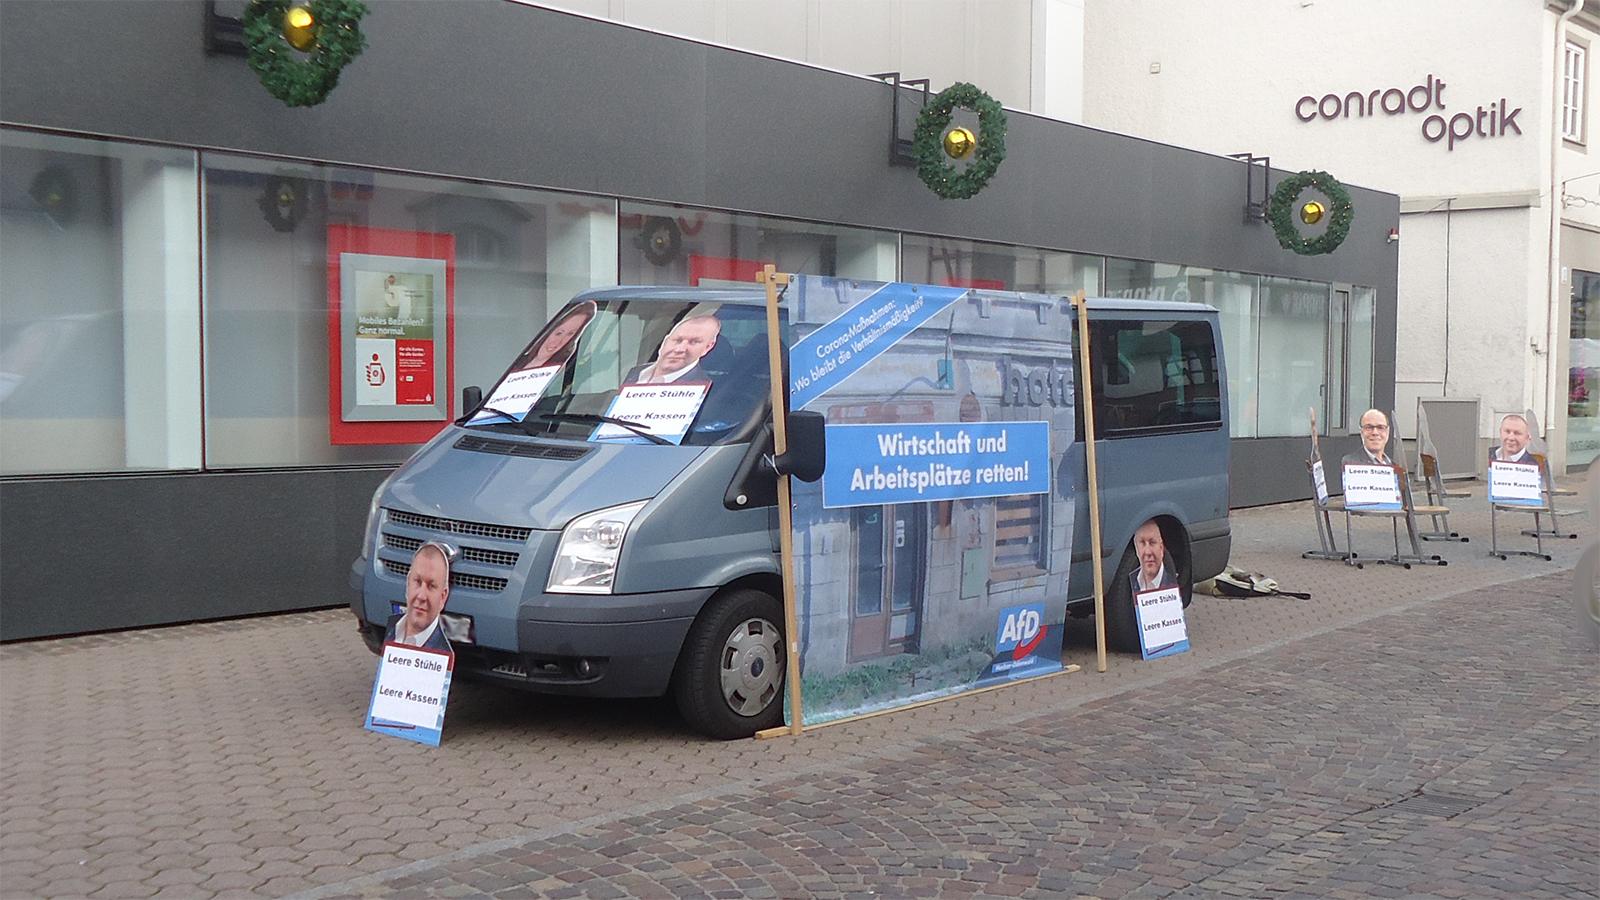 AfD-Aktion in Mosbach gegen verlängerten Lockdown: Politik ohne Verhältnismäßigkeit